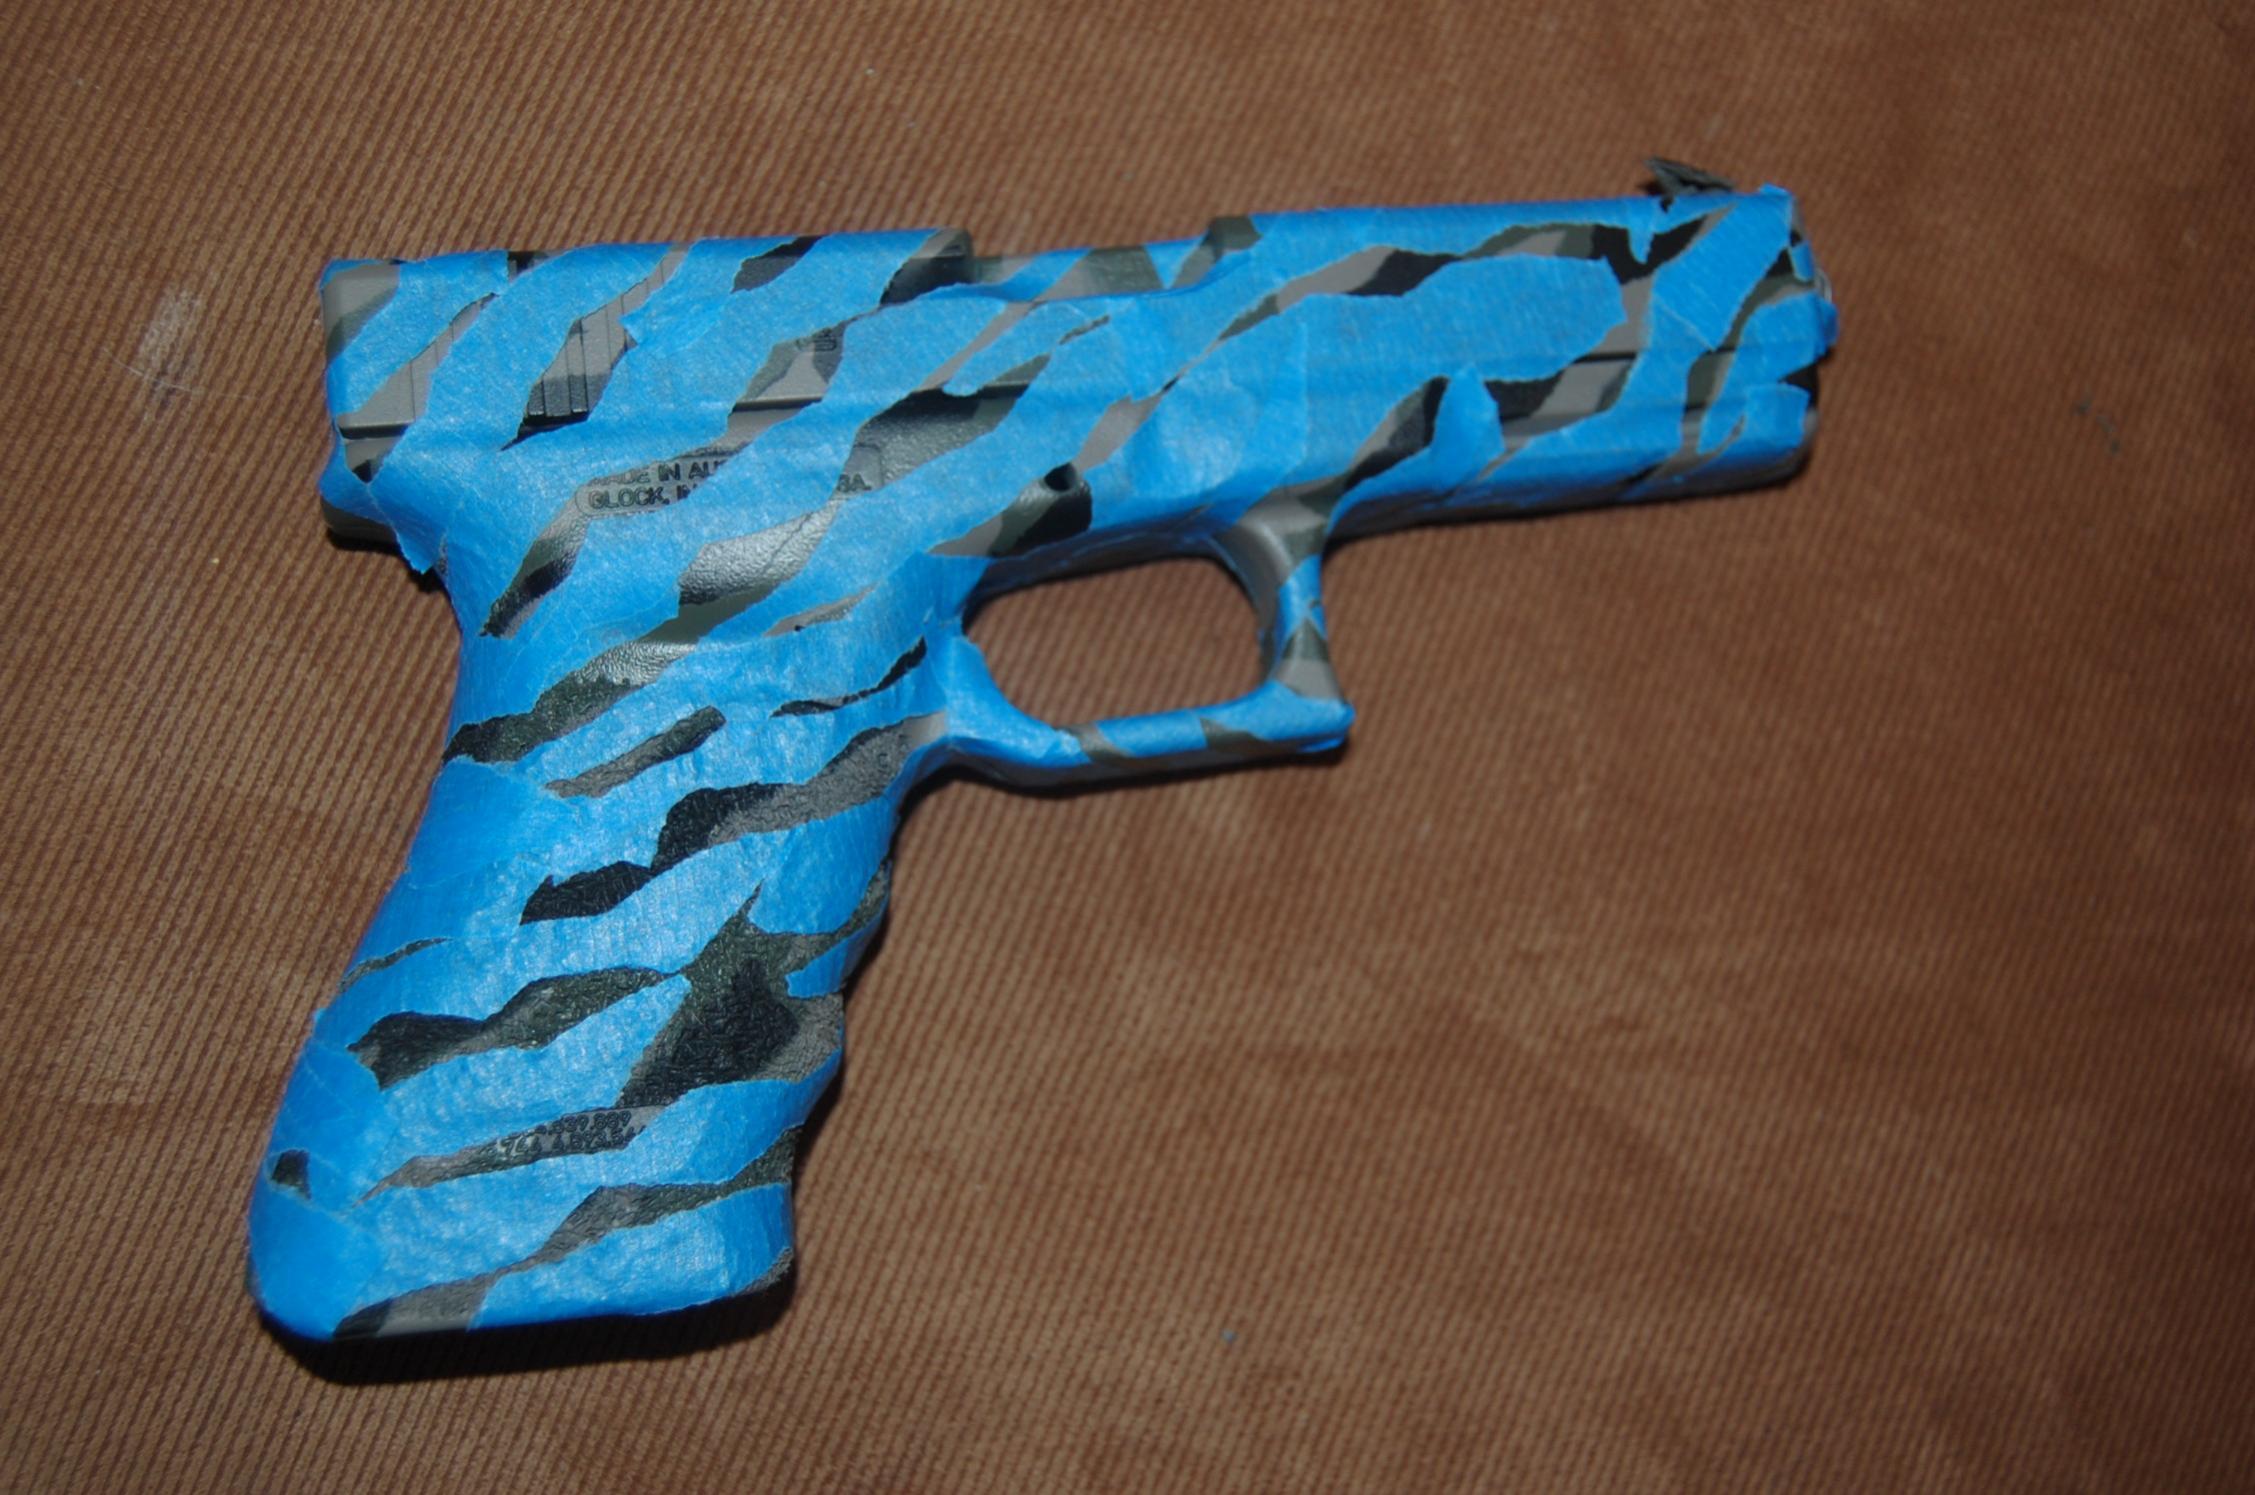 Glock finished-dsc_1134.jpg